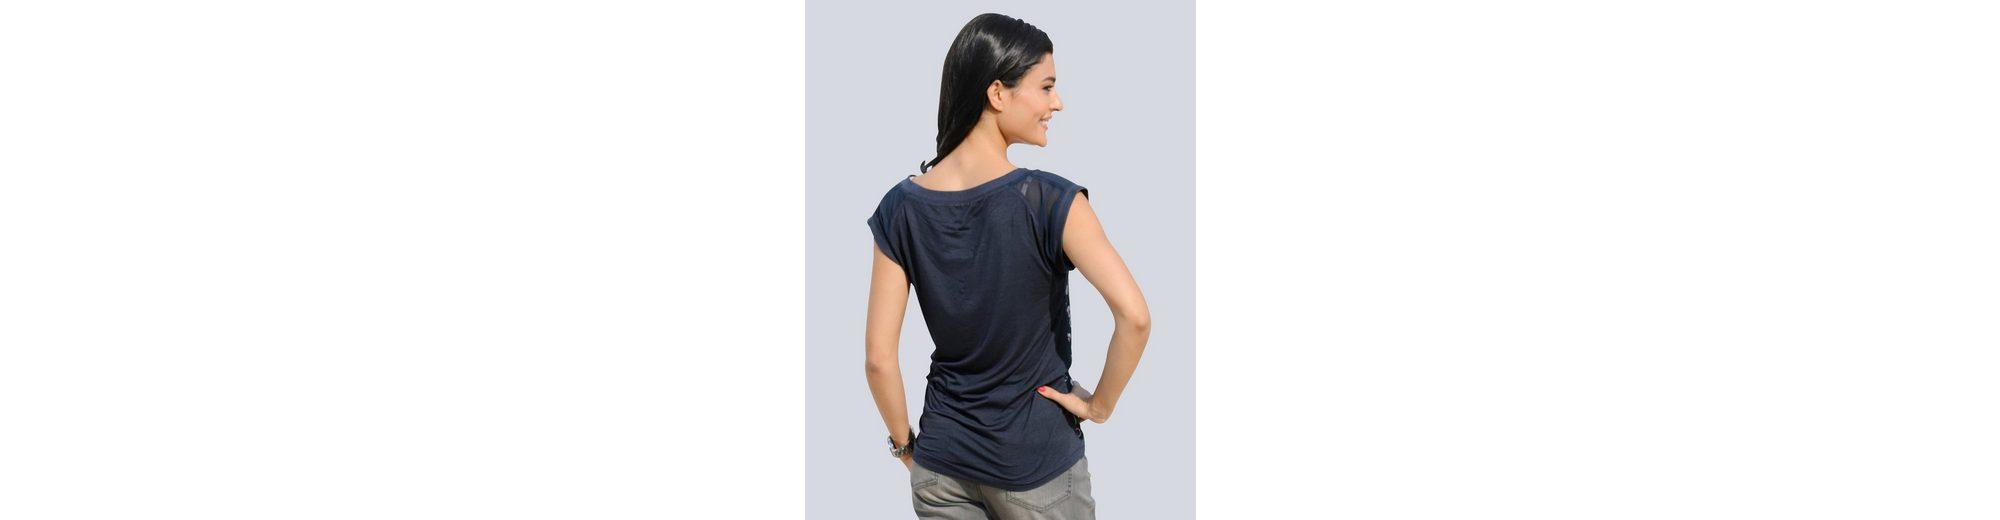 Verkauf Browse Alba Moda Shirt im Materialmix Rabatt 100% Garantiert Frei Verschiffen Geringster Preis iub9TNghJL